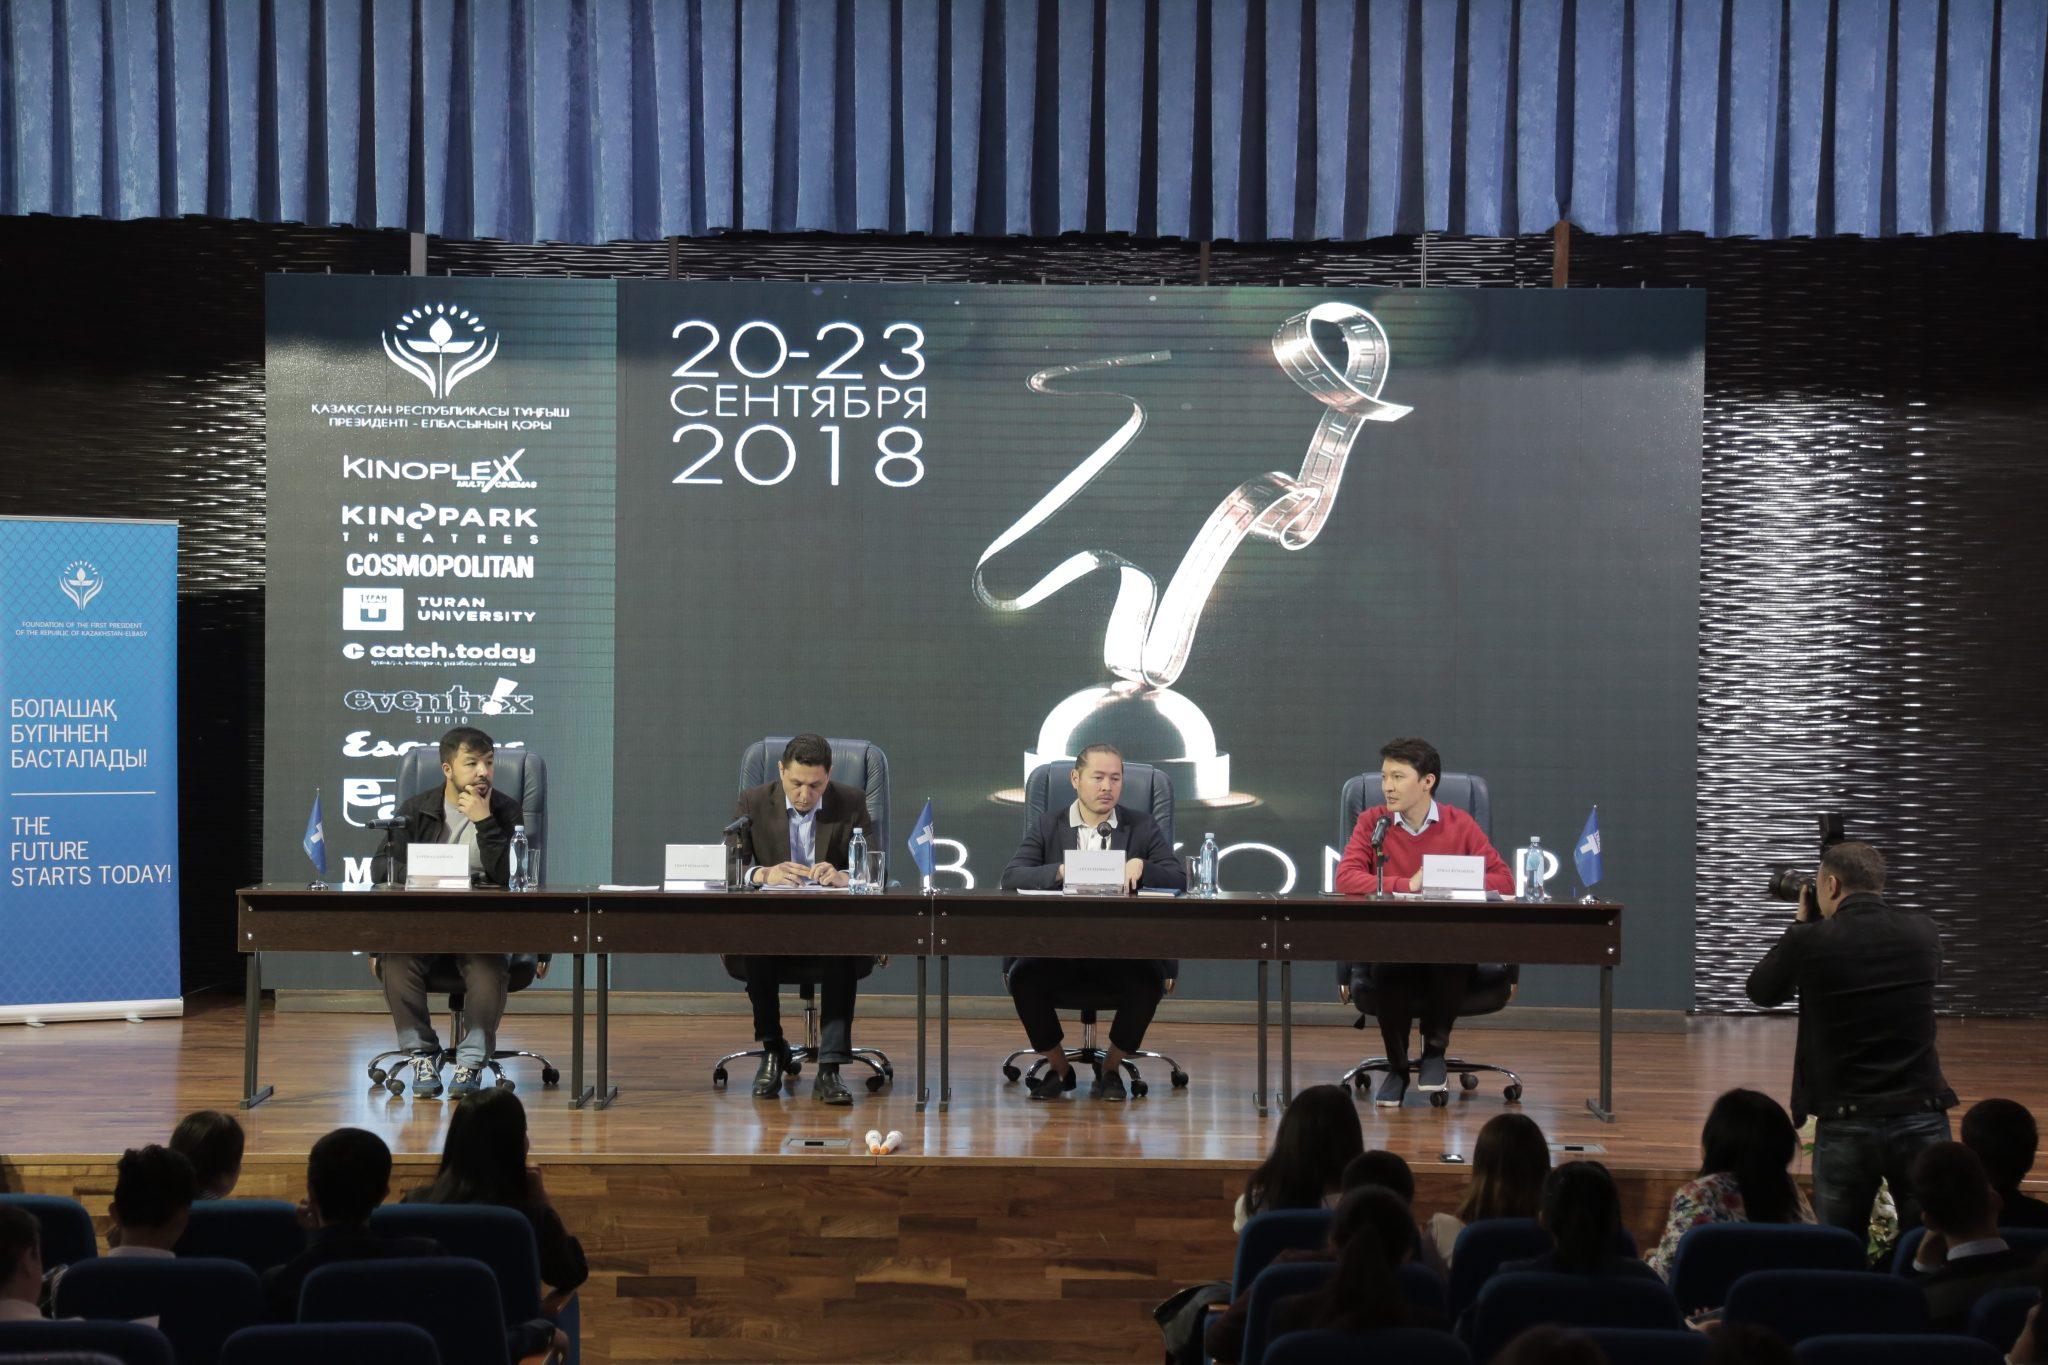 Лучшие казахстанские короткометражные фильмы назвали в Алматы, фестиваль, Короткометражный фильм, Алматы